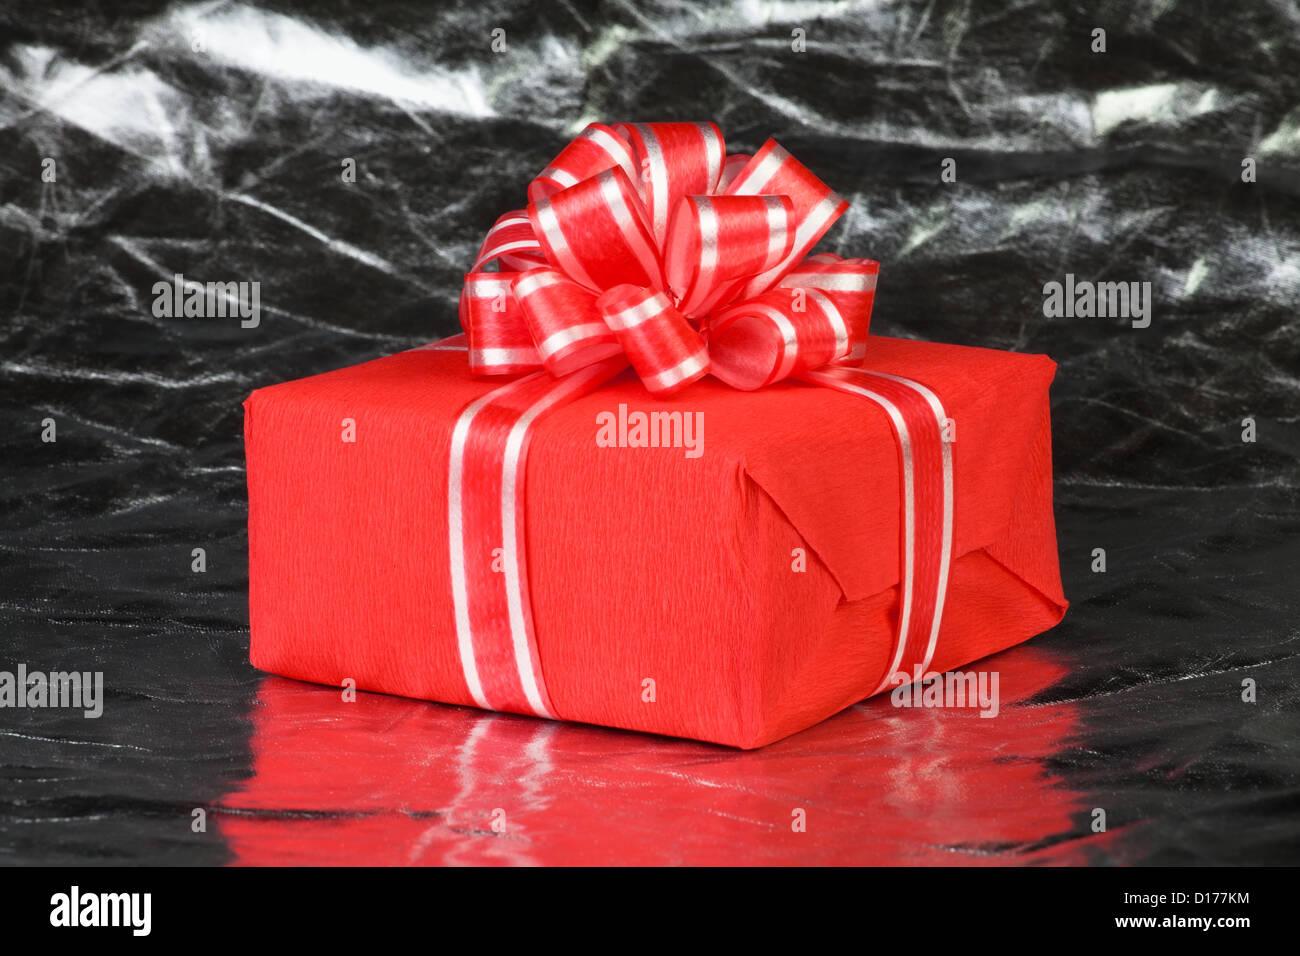 Boîte-cadeau présent rouge sur argent Photo Stock